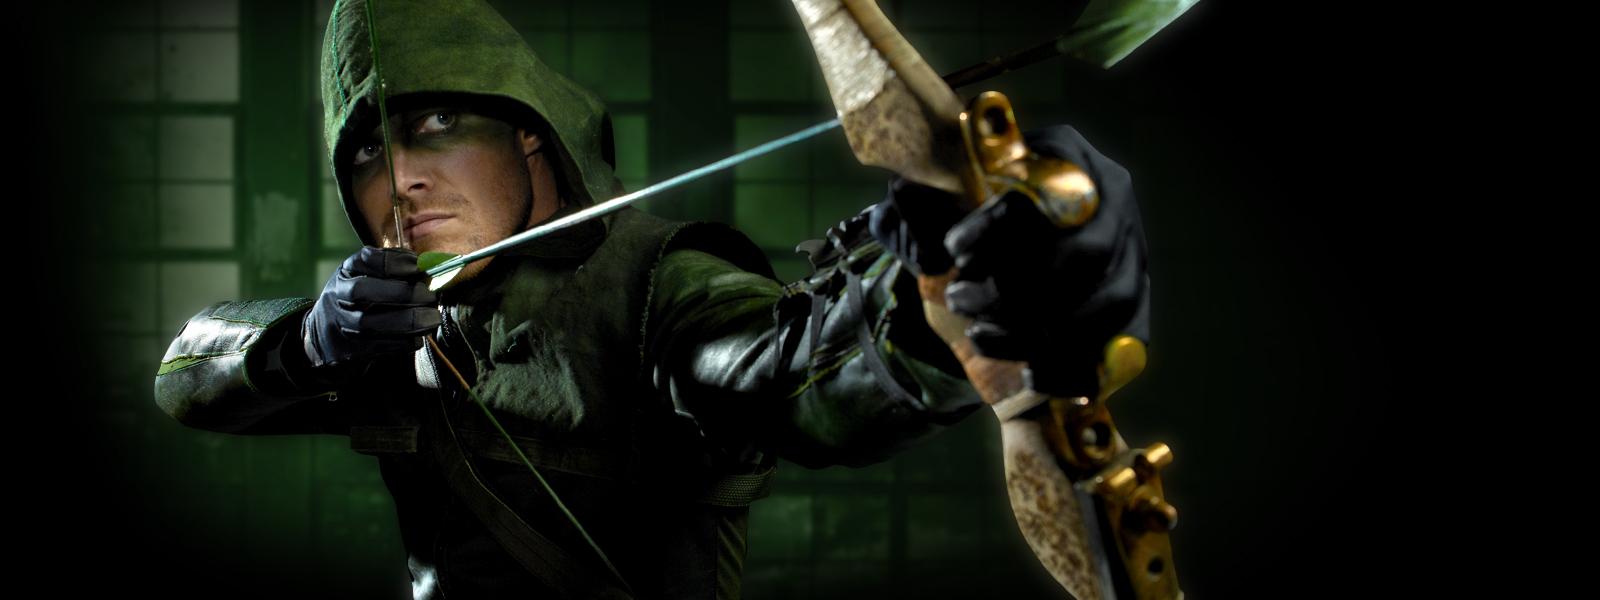 Arrow season 3: new trailer teaser